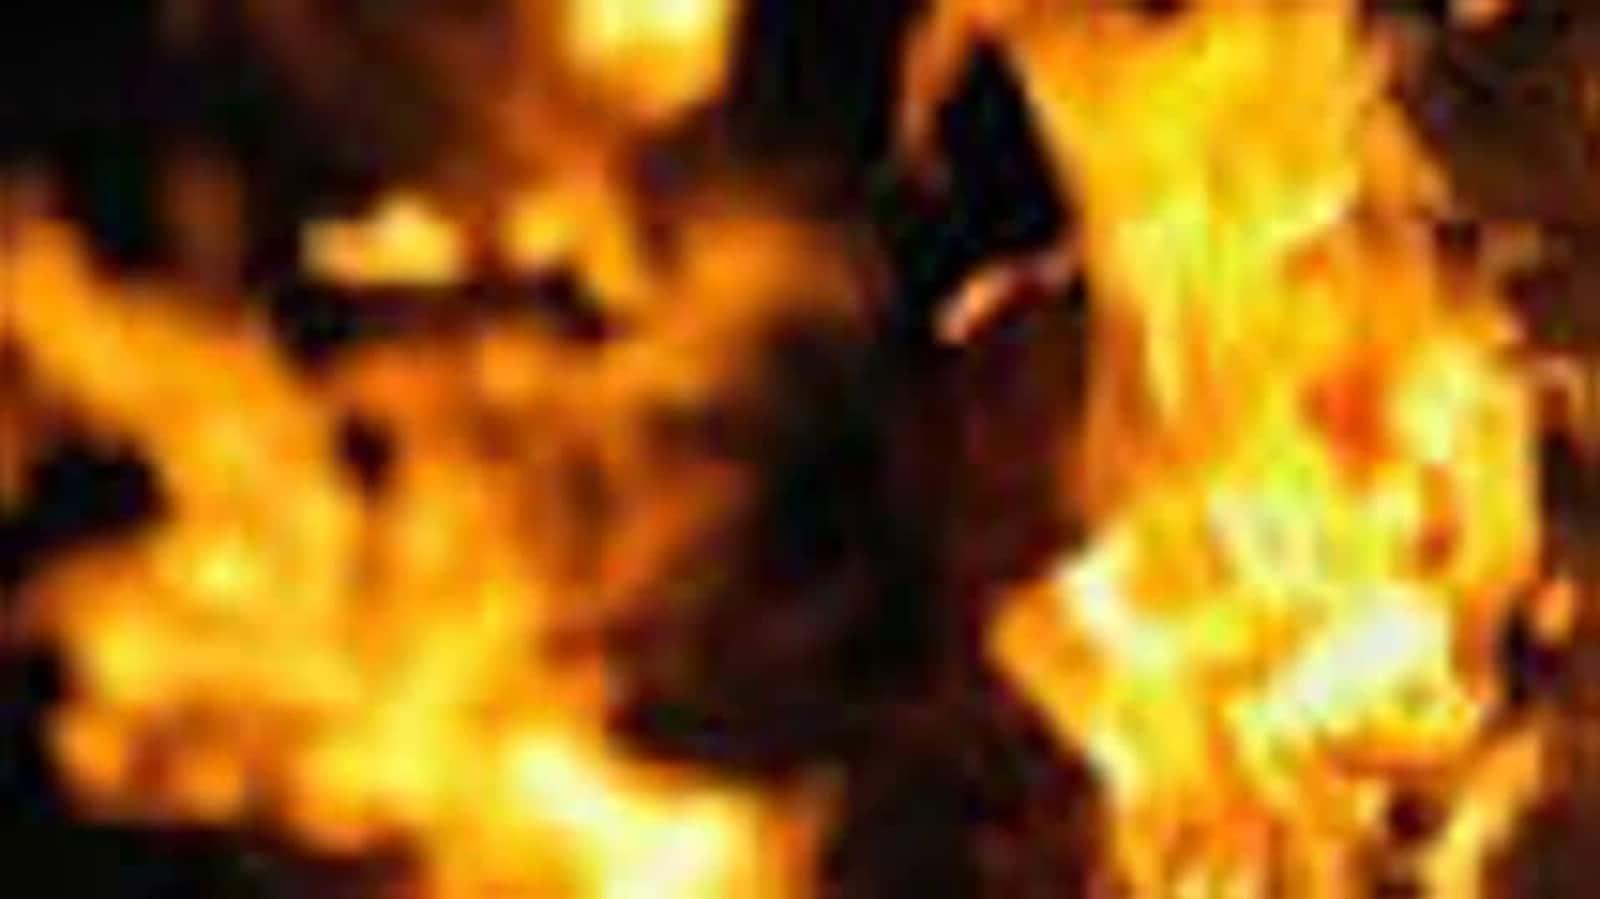 ہسپتال میں آگ بھڑک اٹھی ، کئی افراد کے ہلاک ہونے کا خدشہ